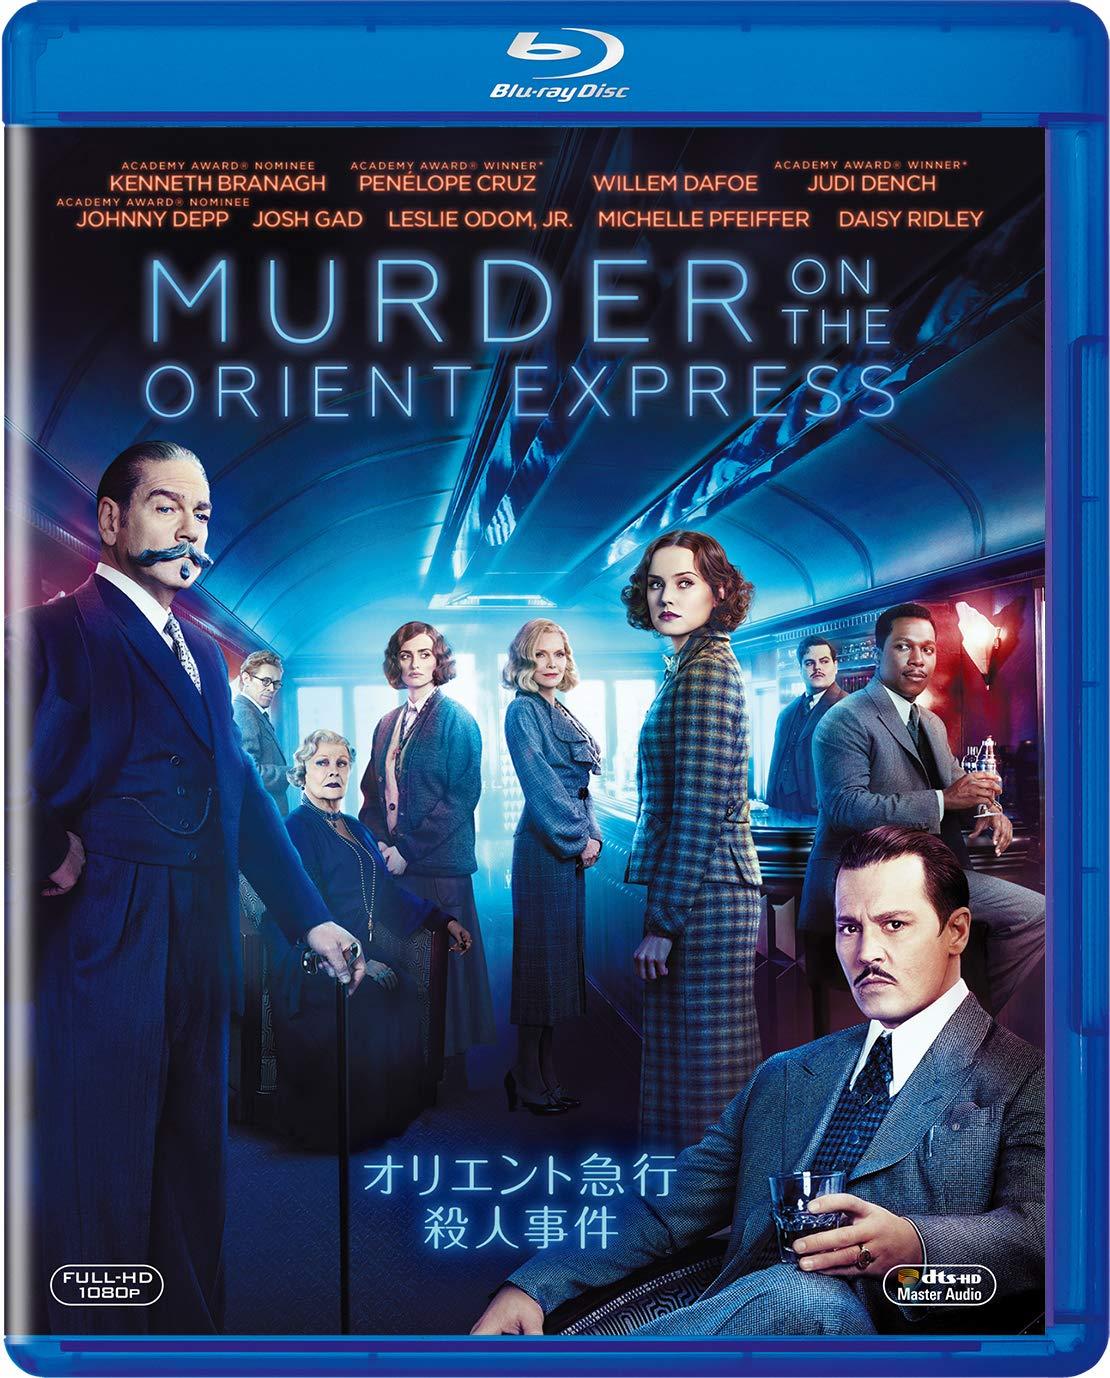 オリエント急行殺人事件 [AmazonDVDコレクション] [Blu-ray]